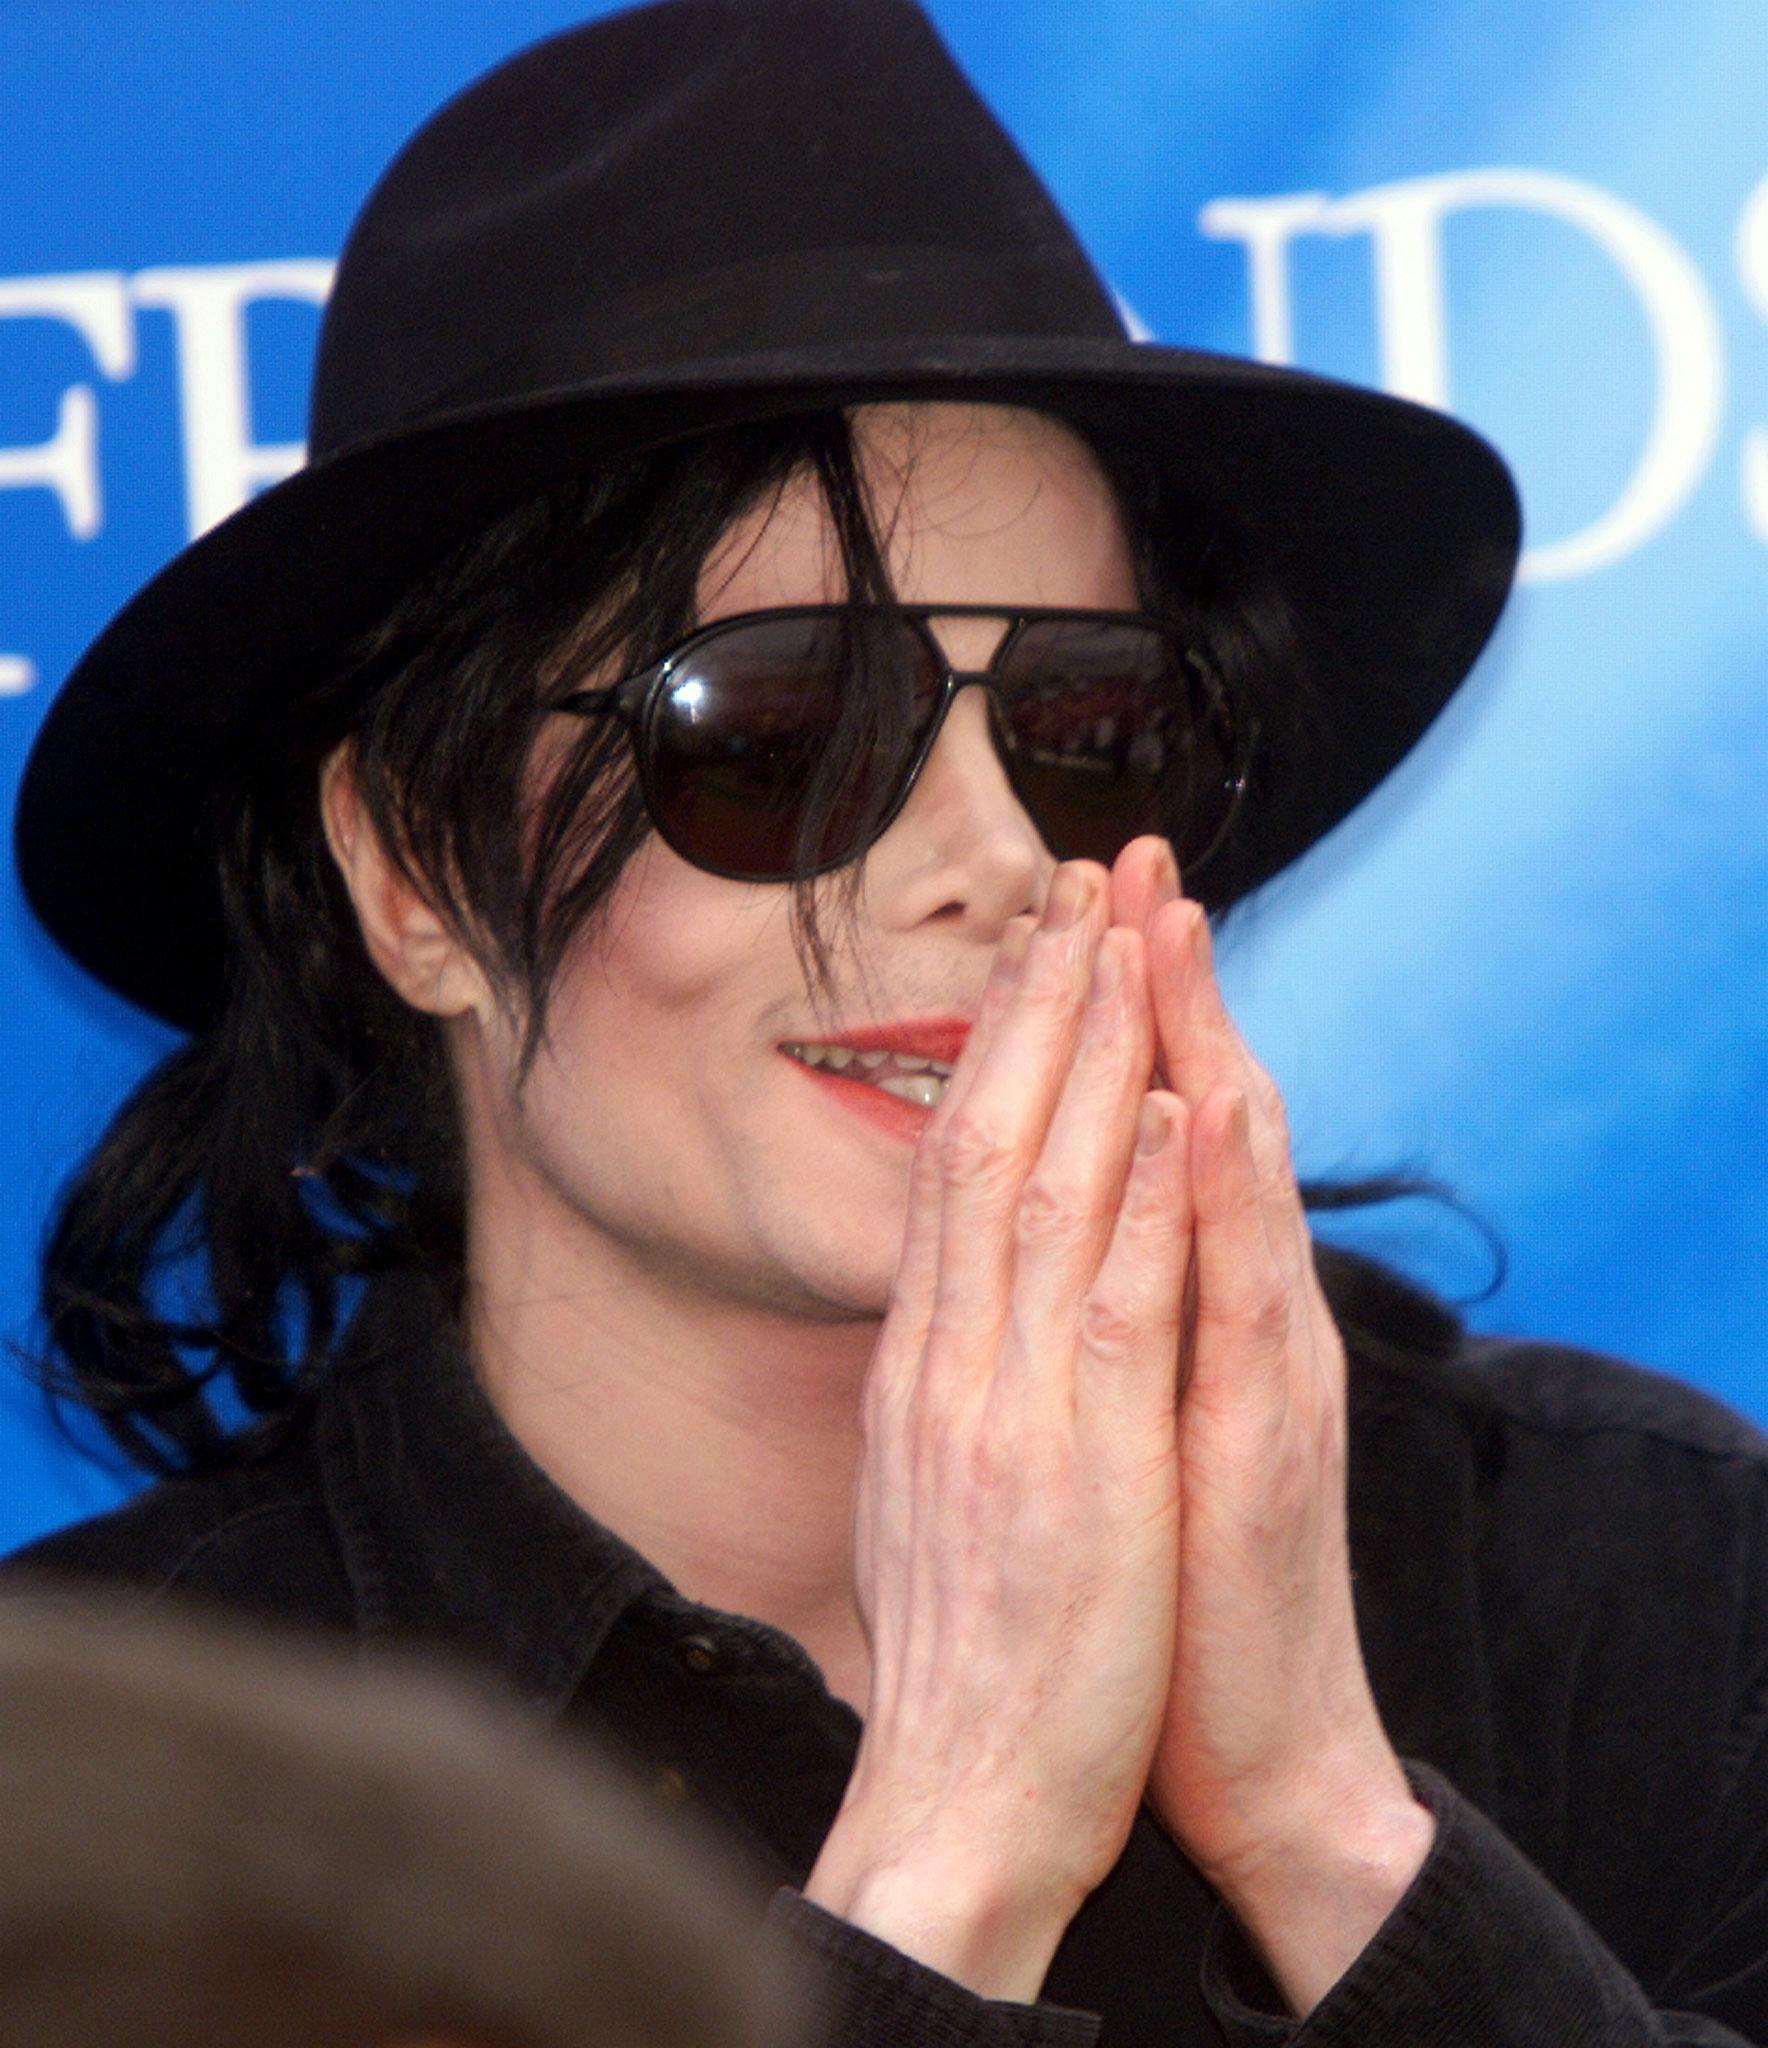 Un fan de Michael Jackson ha adquirido uno de sus famosos sombreros por más  de 17.000 3c8b349bec4